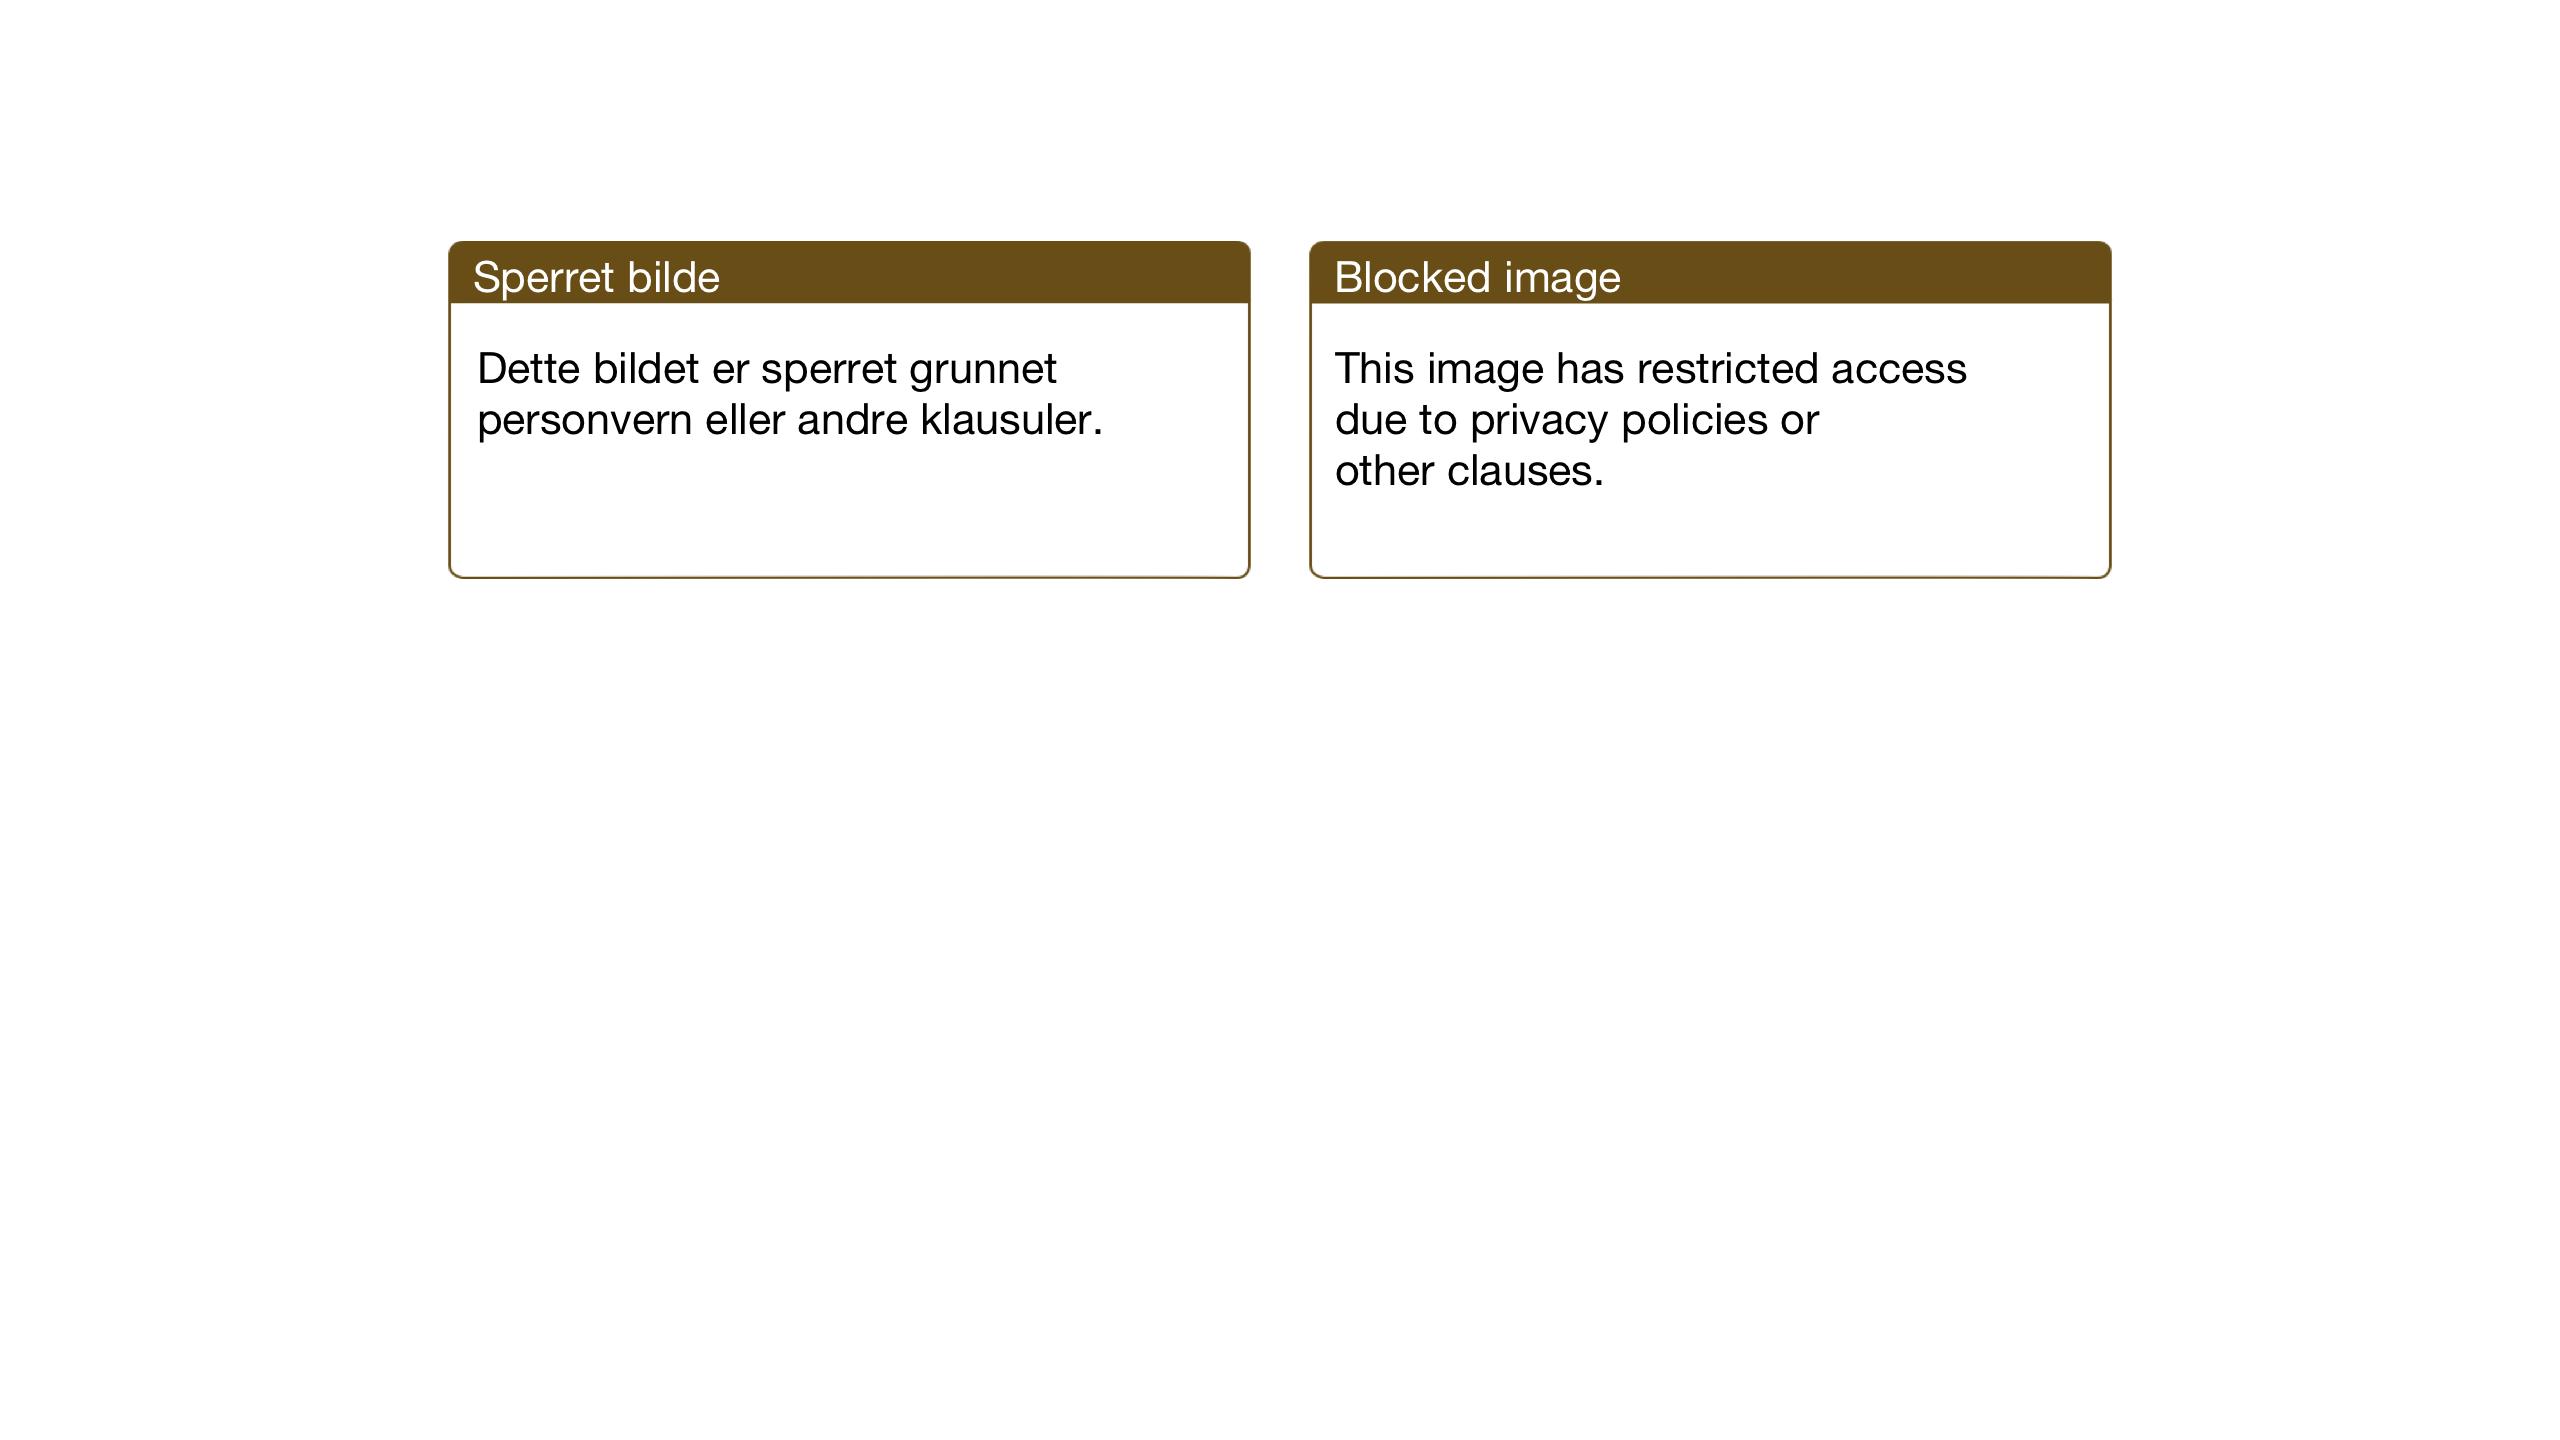 SAT, Ministerialprotokoller, klokkerbøker og fødselsregistre - Sør-Trøndelag, 672/L0866: Klokkerbok nr. 672C05, 1929-1939, s. 56